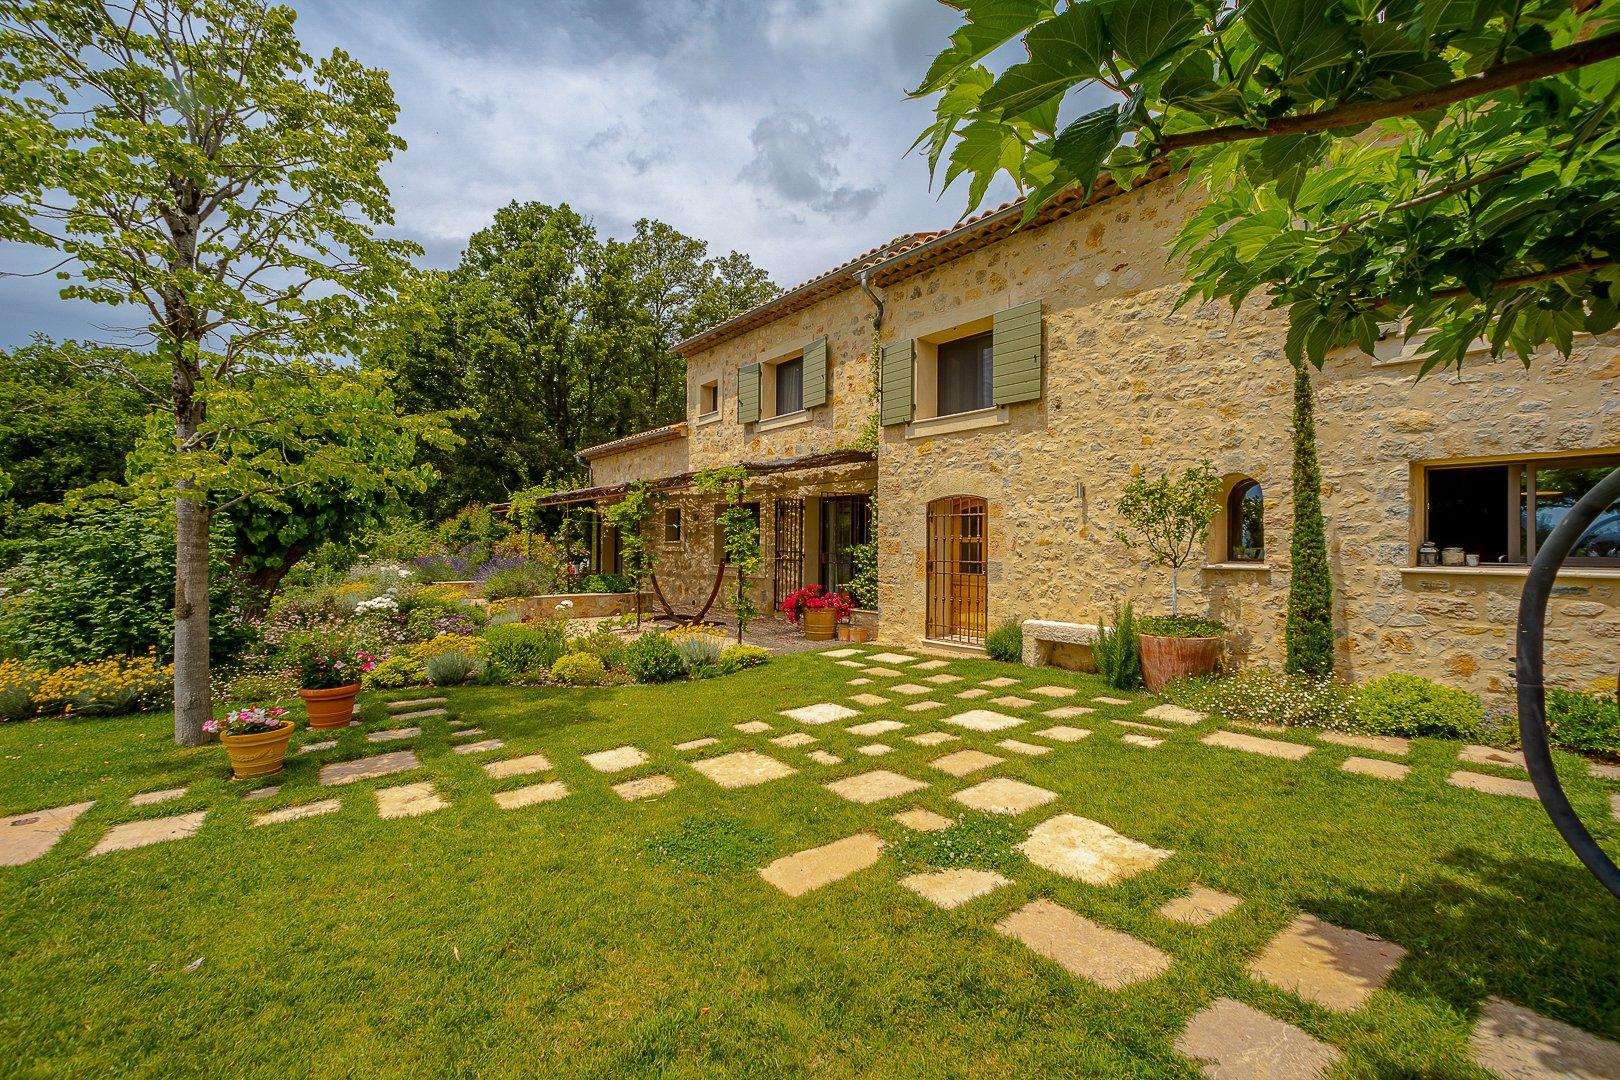 Verkauf Villa - Fayence - Frankreich